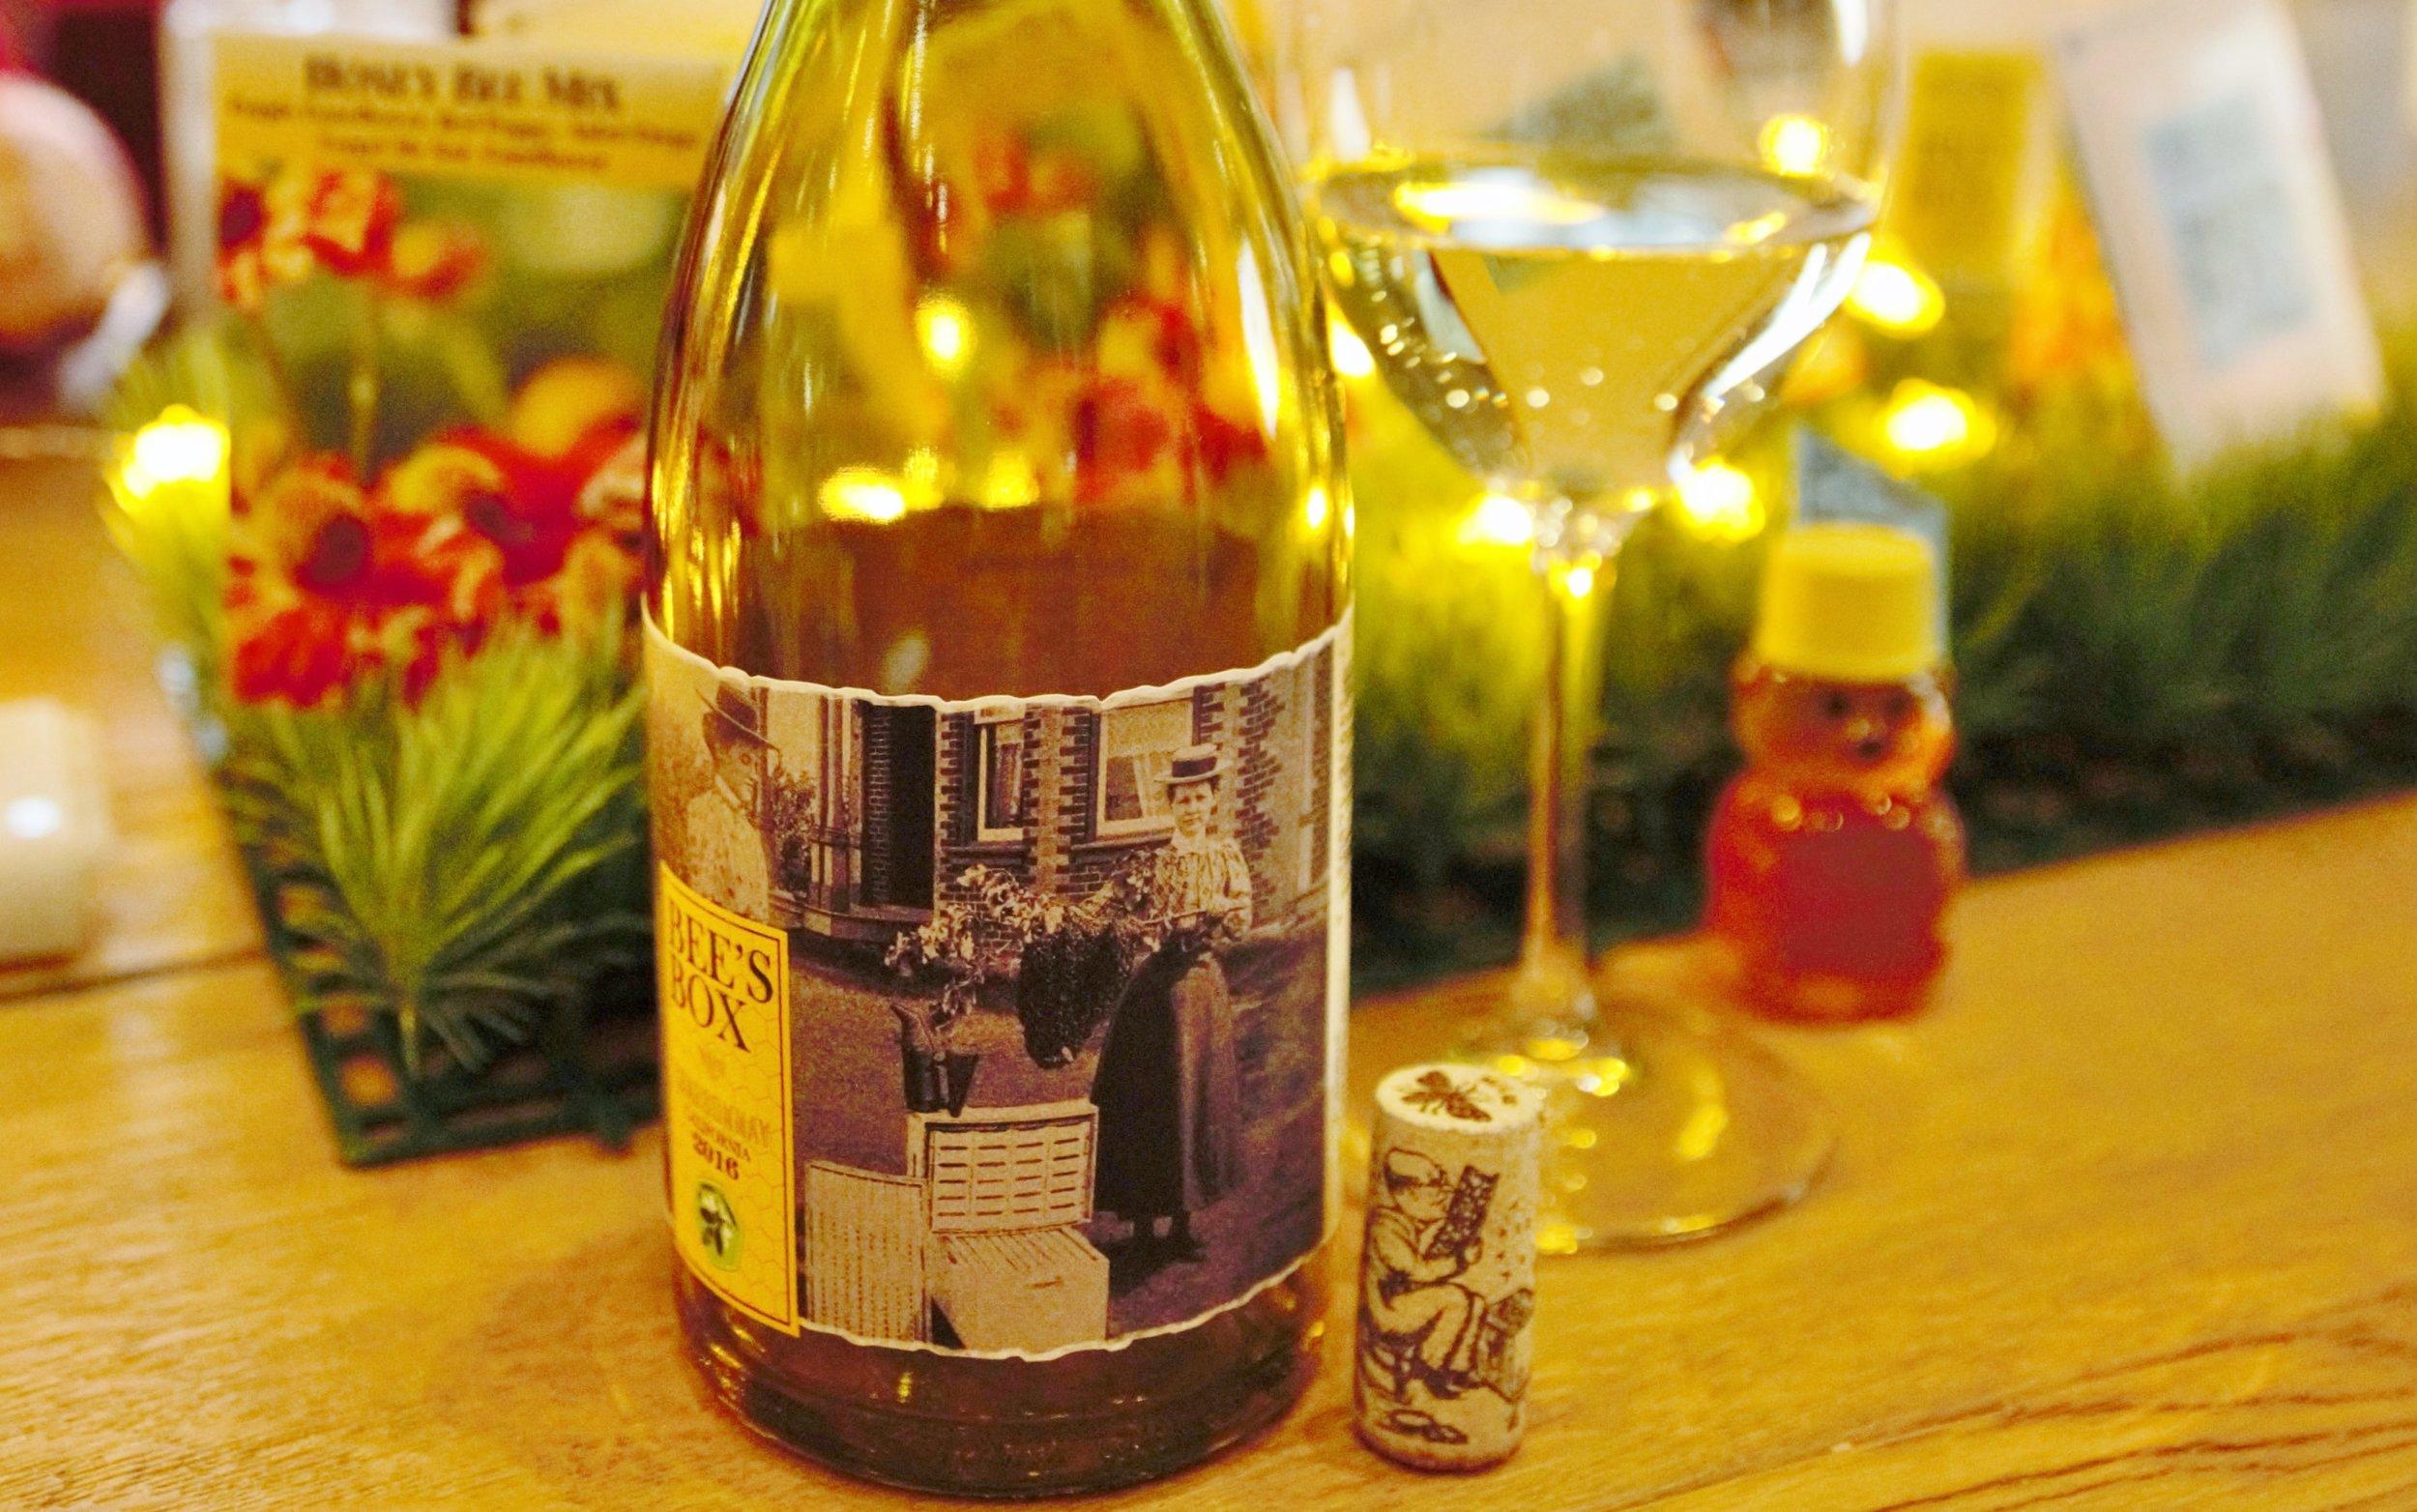 Bee's Box Wines